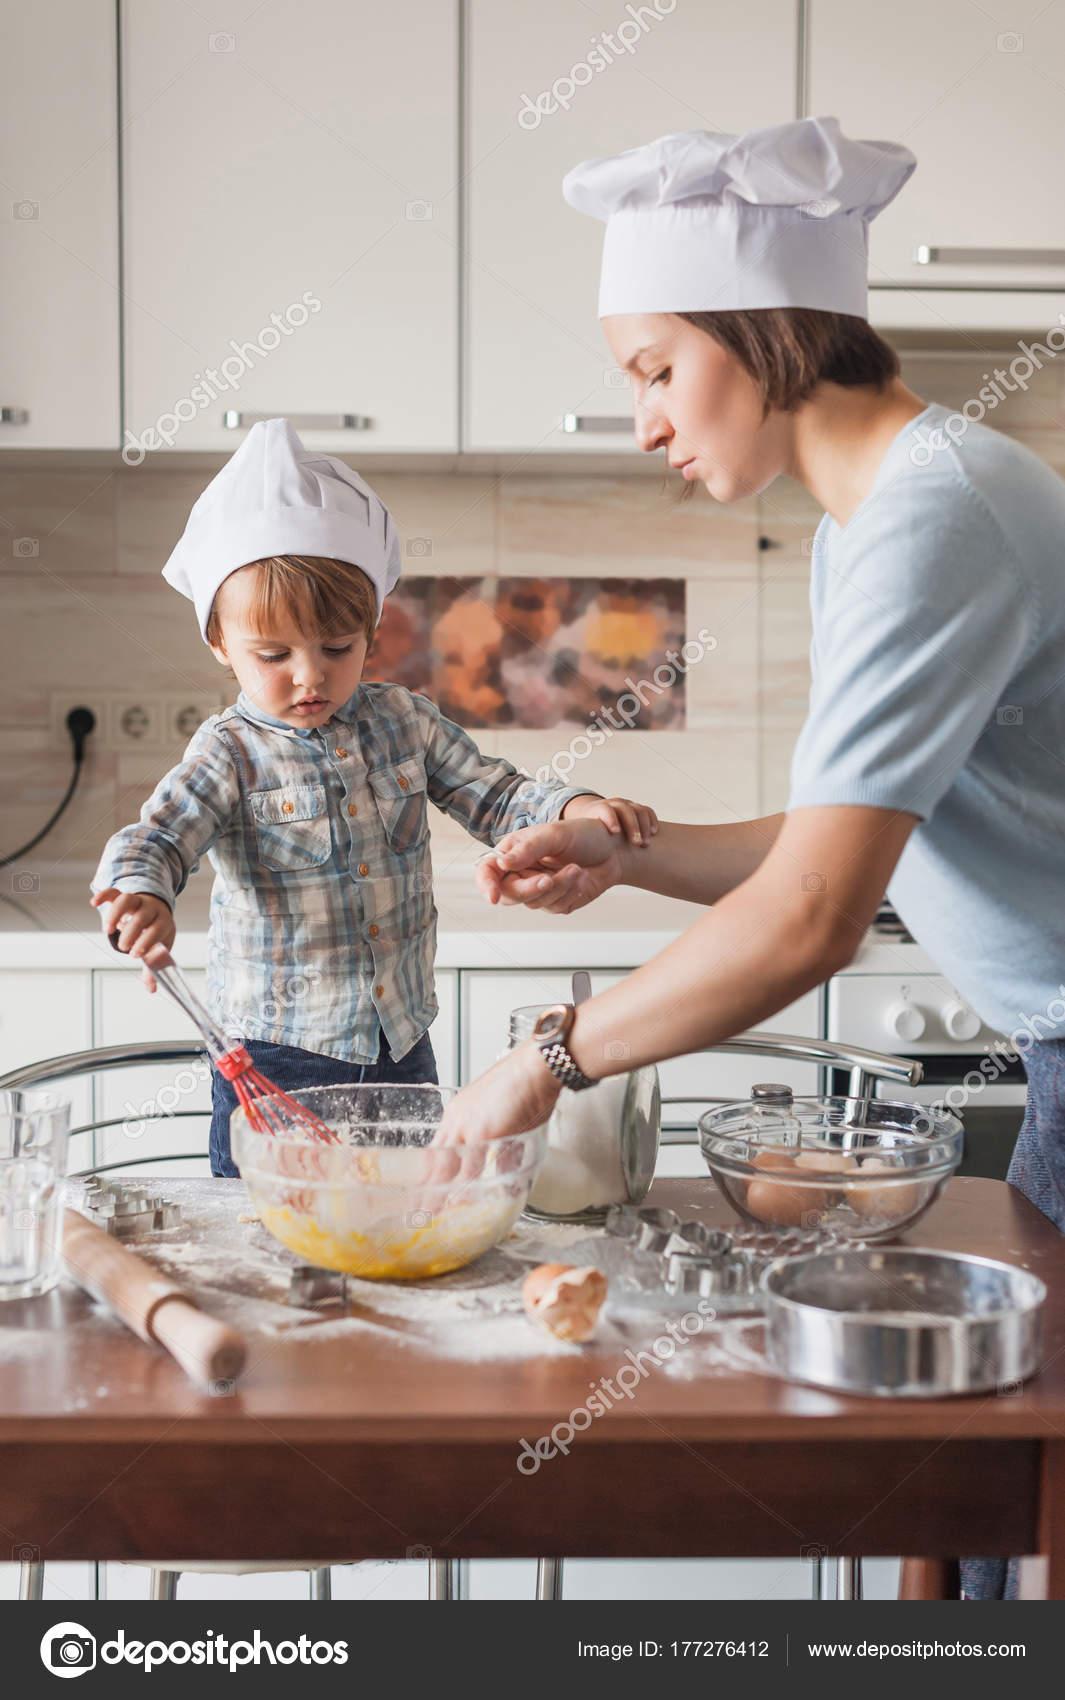 Gambar Ibu Sedang Memasak : gambar, sedang, memasak, Memasak, Foto,, Gambar, Bebas, Royalti, Depositphotos®